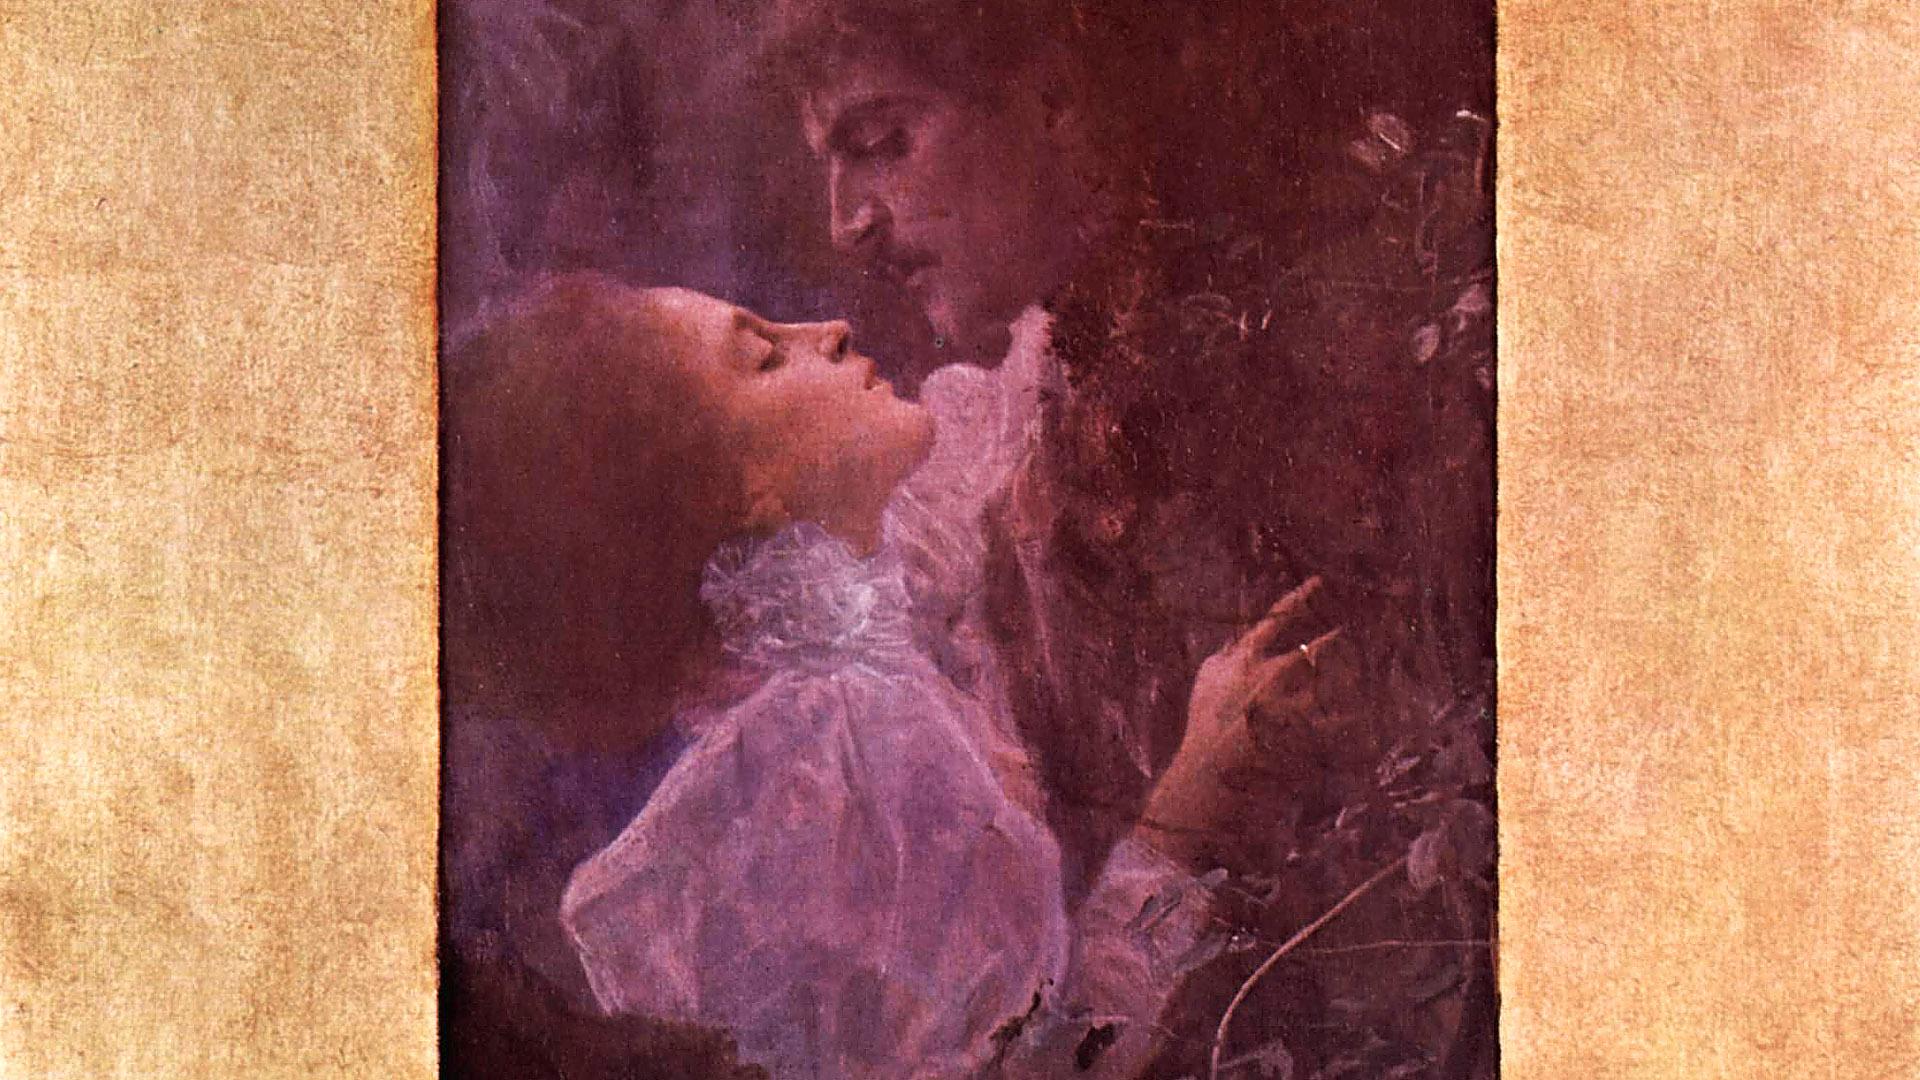 クリムト Gustav klimt - love 1920x1080